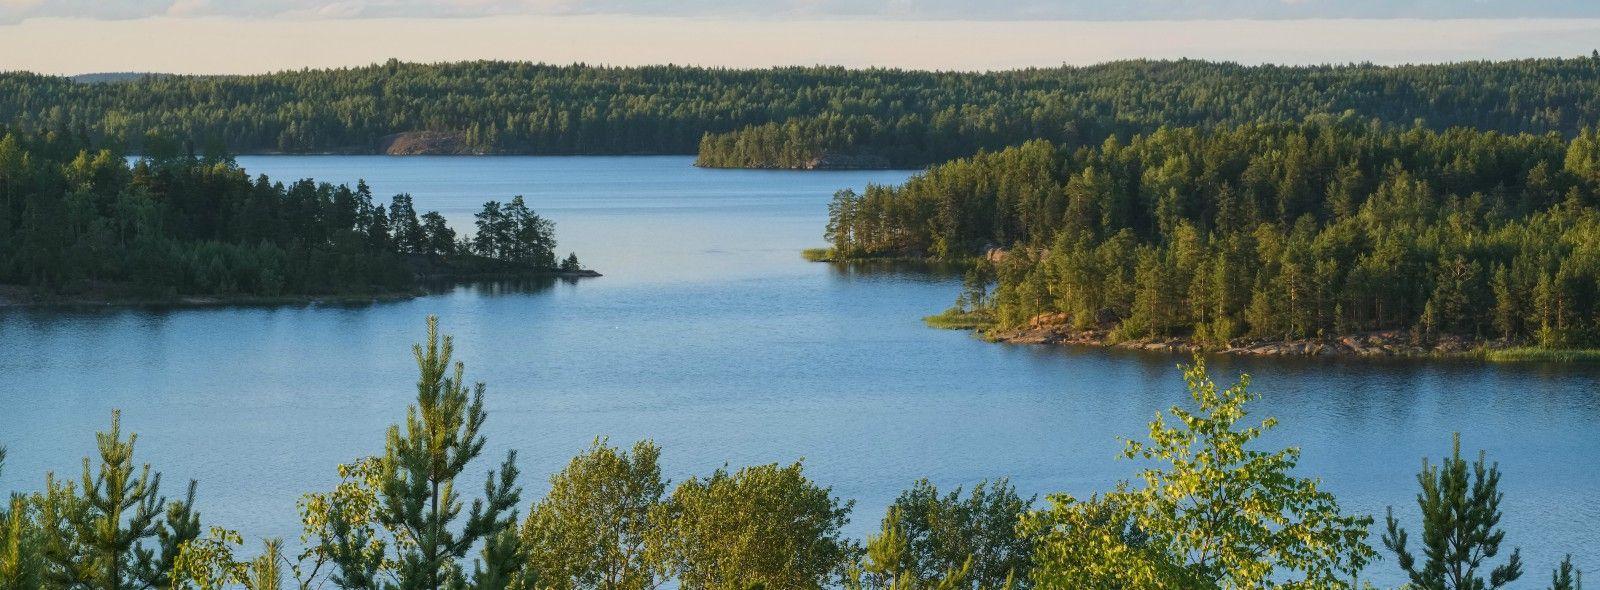 Quale lago si trova presso San Pietroburgo?